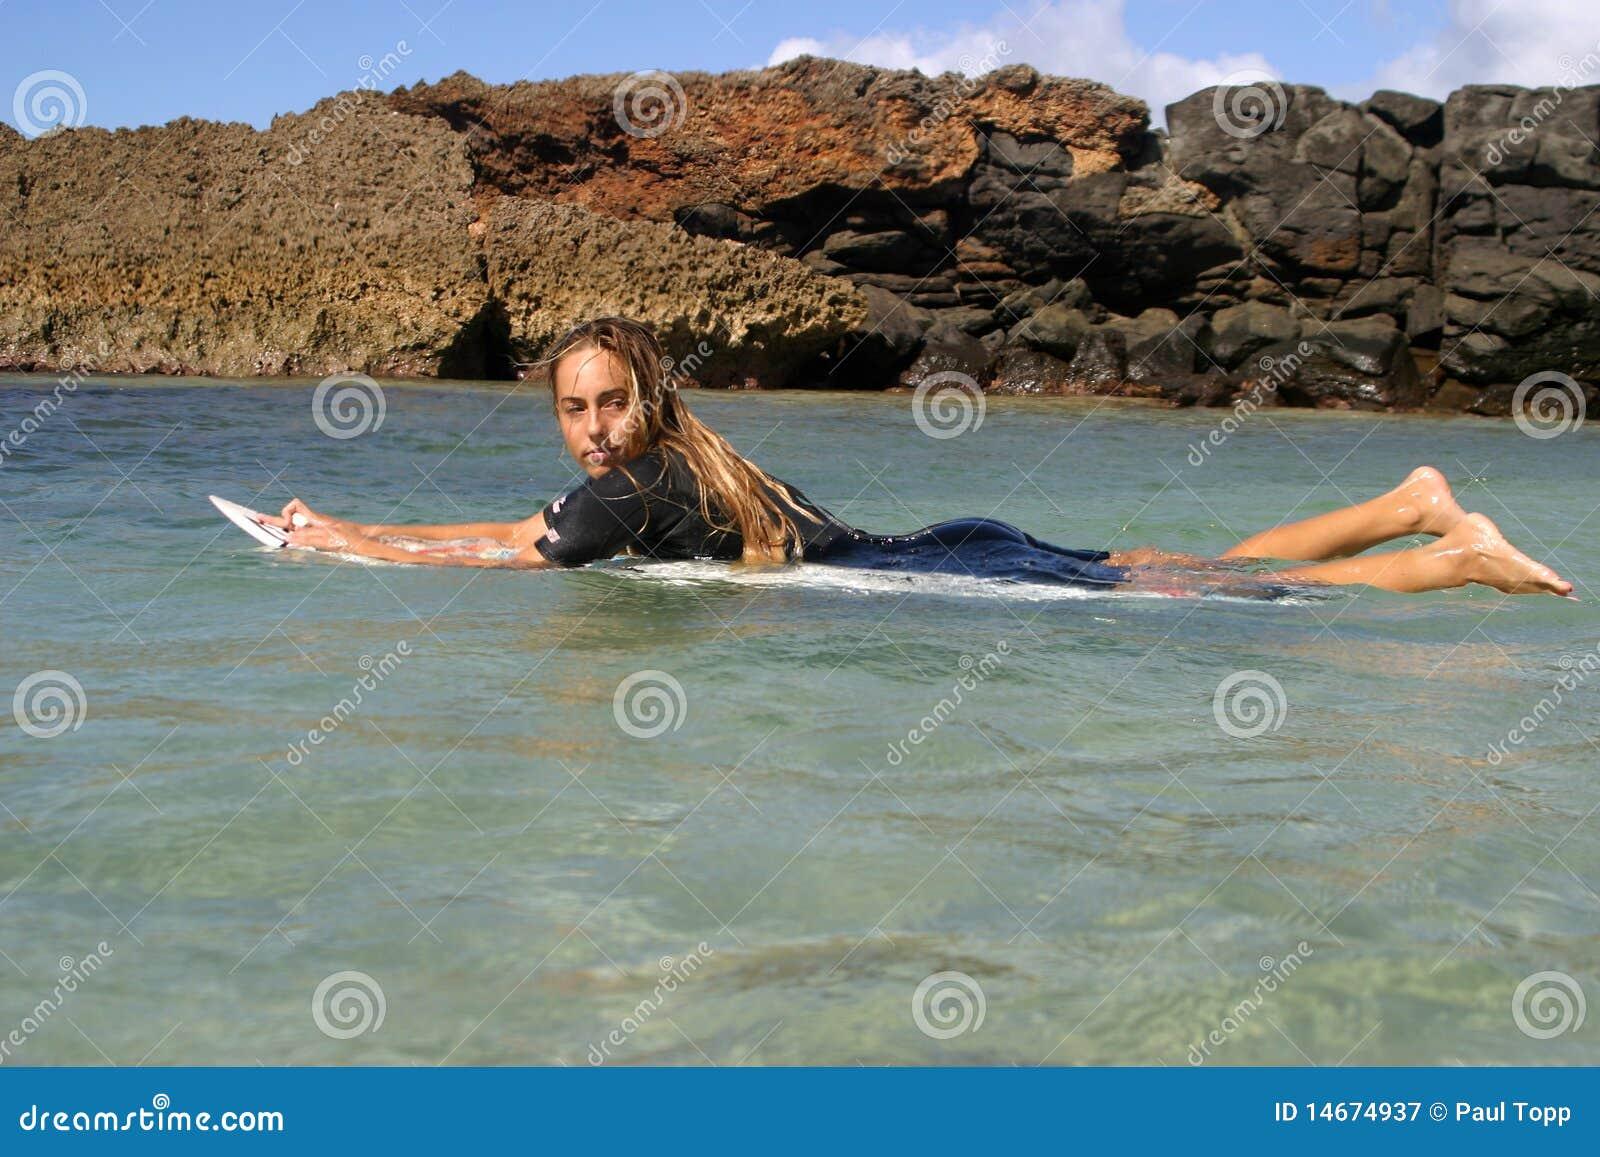 塞西莉亚・恩利克兹女孩夏威夷冲浪&#